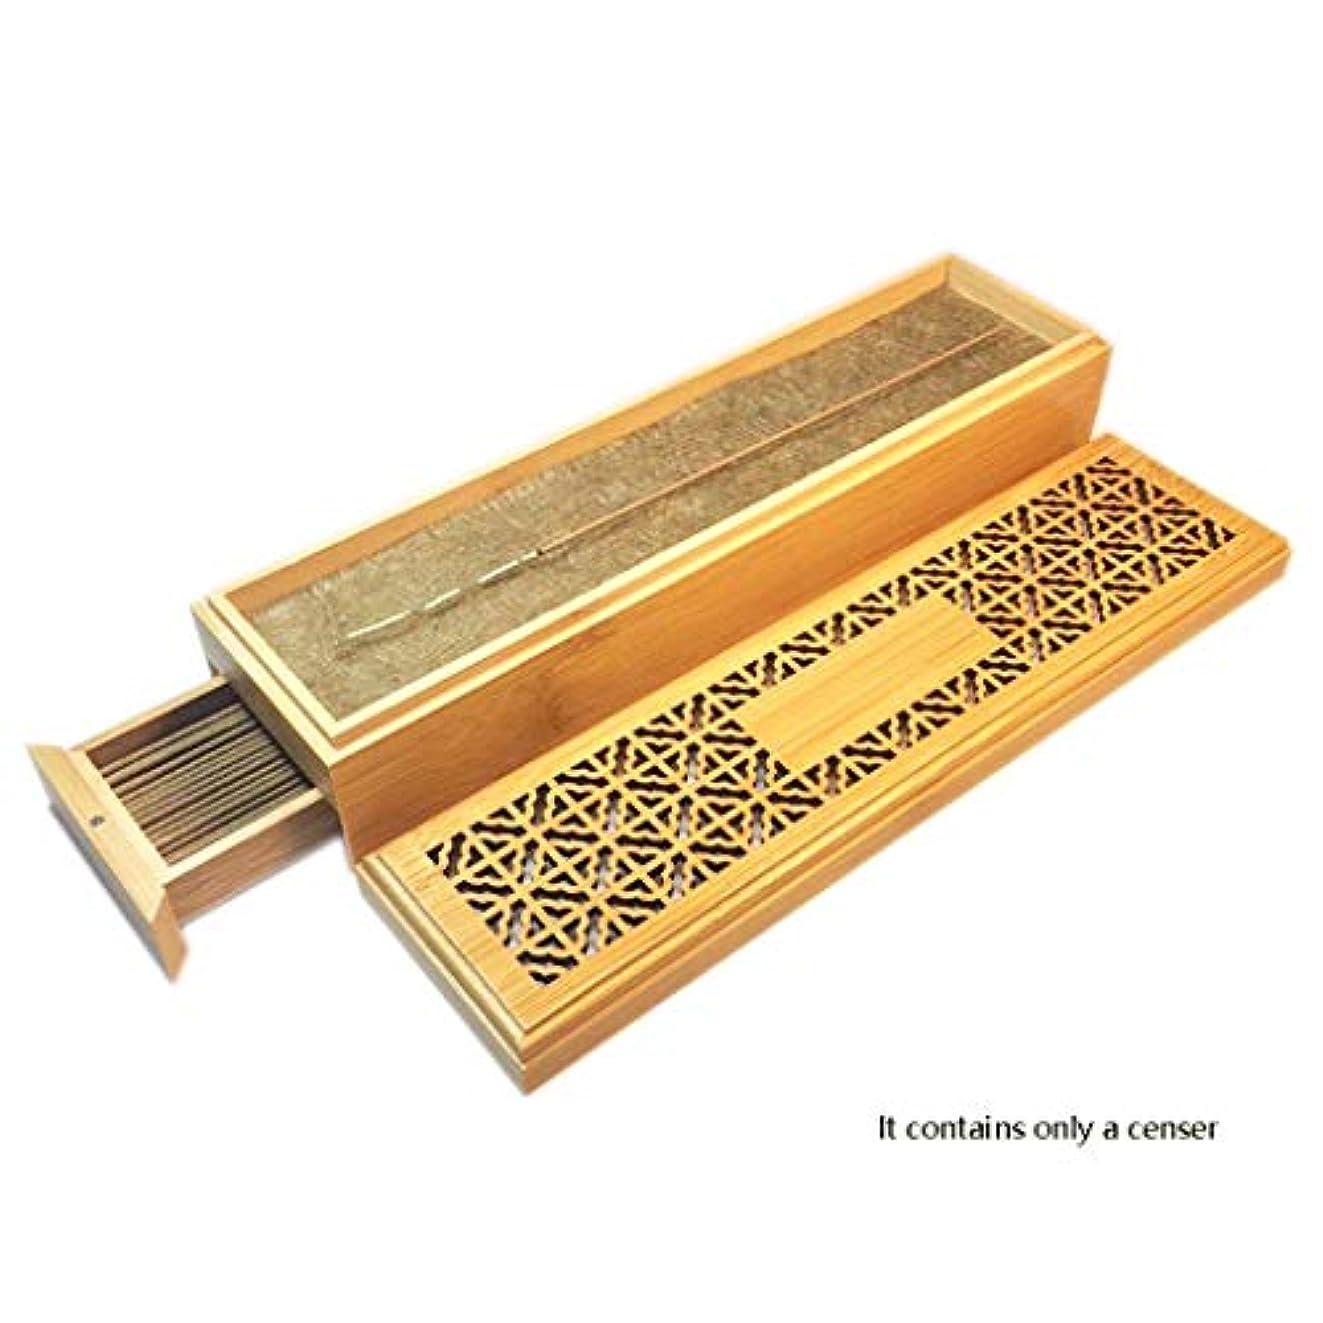 廃止露データム芳香器?アロマバーナー 竹製お香バーナー引き出し付スティック収納ボックス中空木製ケースボックスIncensoスティックホルダー アロマバーナー芳香器 (Color : Natural)